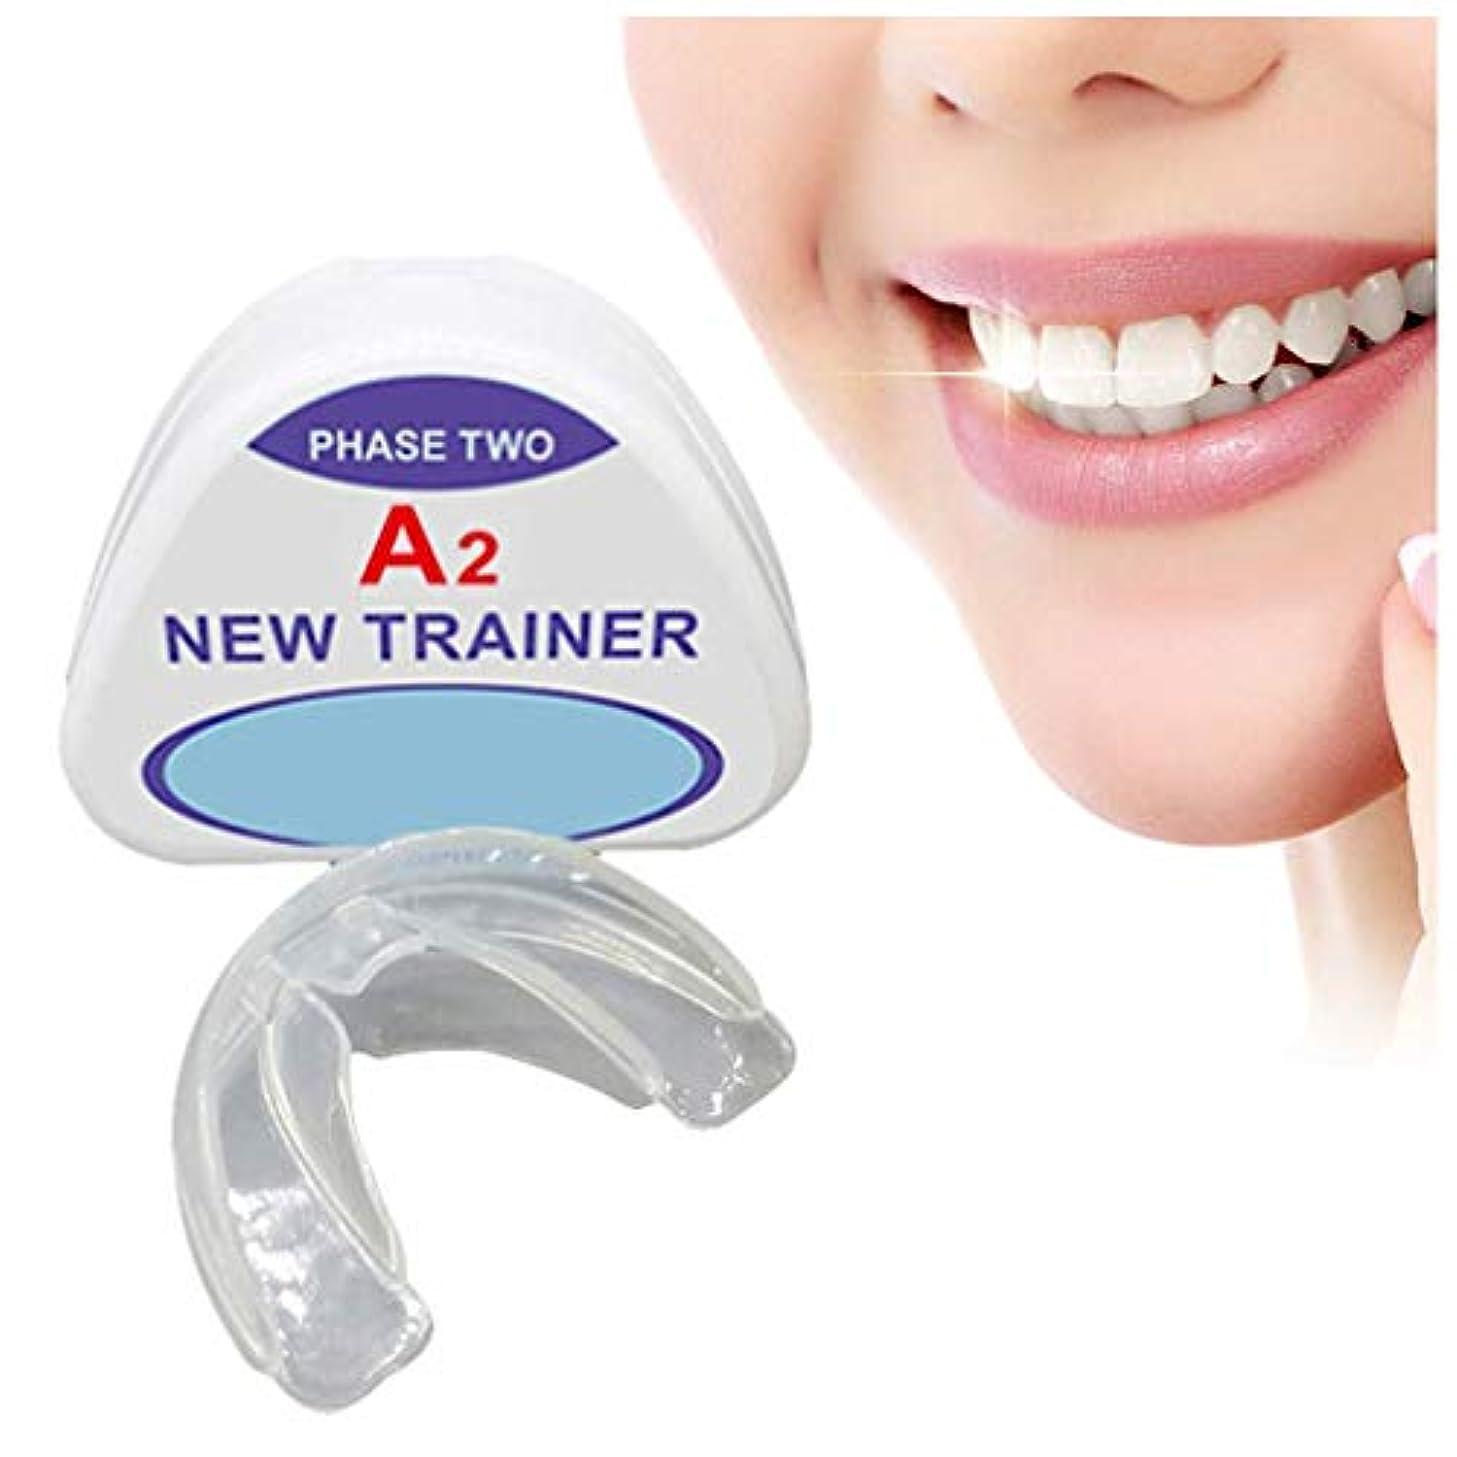 切断するコミュニケーションボルト歯列矯正トレーナーリテーナー、歯科用マウスガード歯列矯正器具、歯用器具夜予防臼歯ブレース